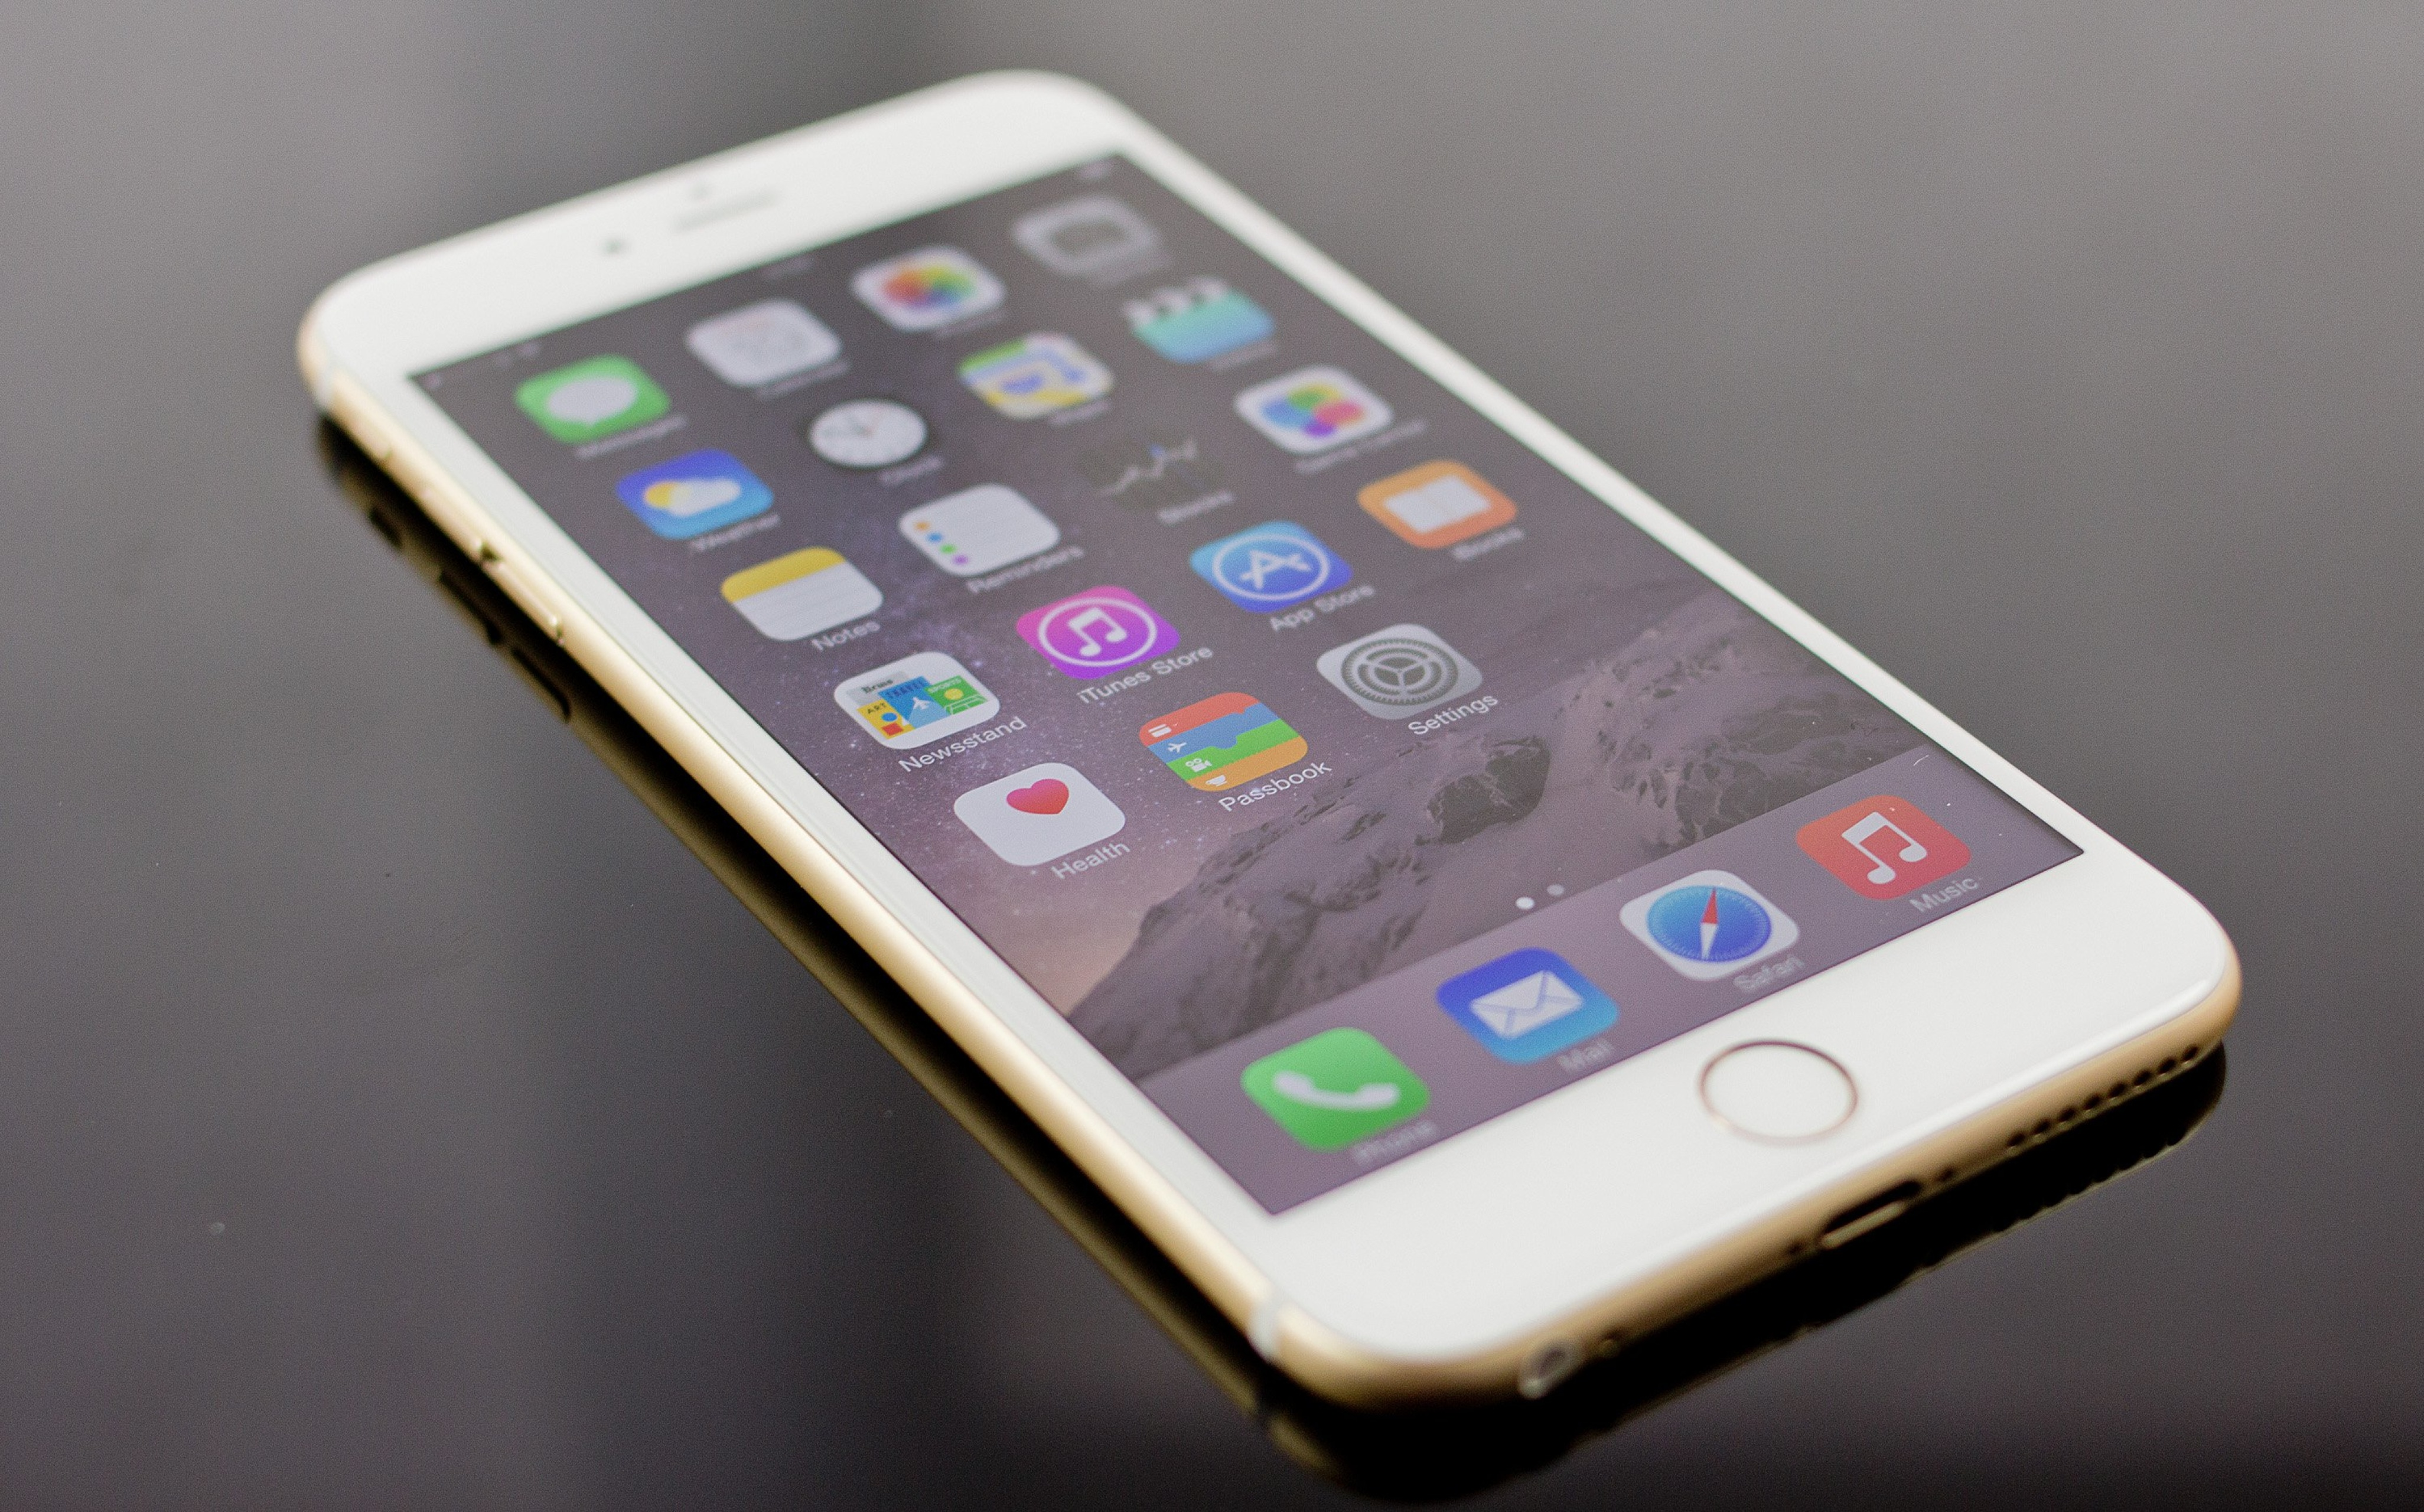 luminozitate minima ecran iPhone - iDevice.ro